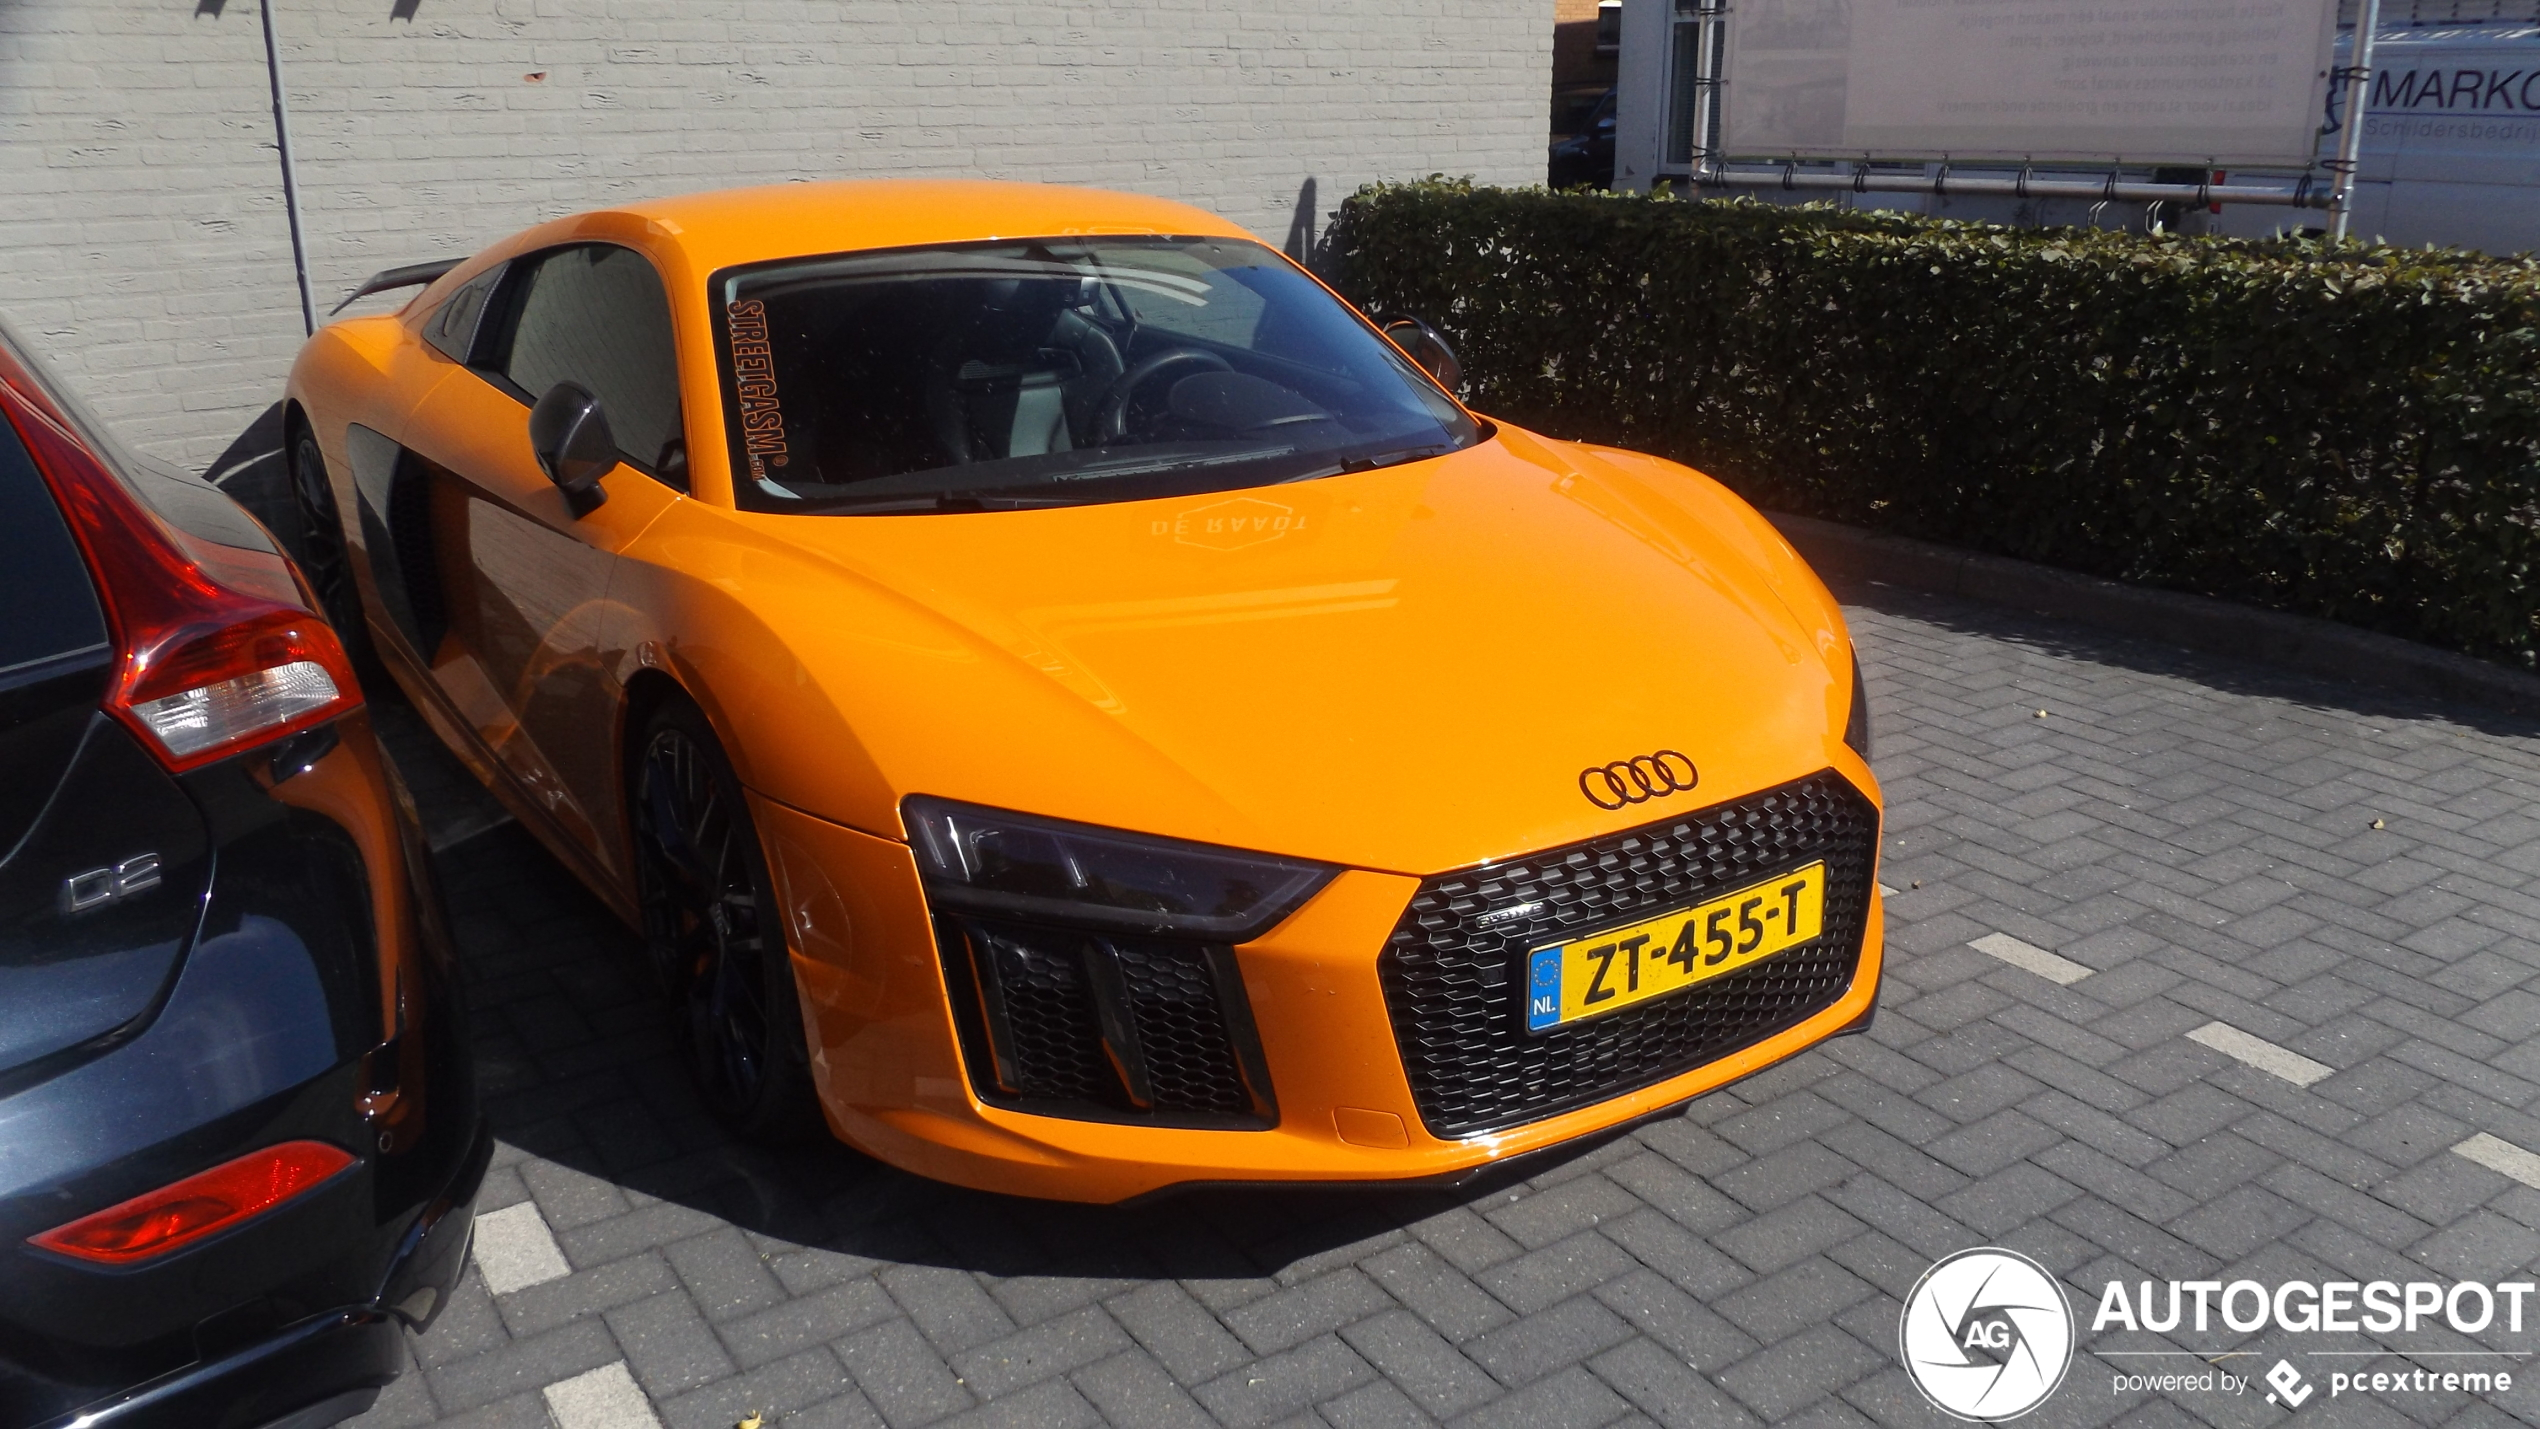 Audi R8 V10 Plus 2015 25 Junho 2020 Autogespot